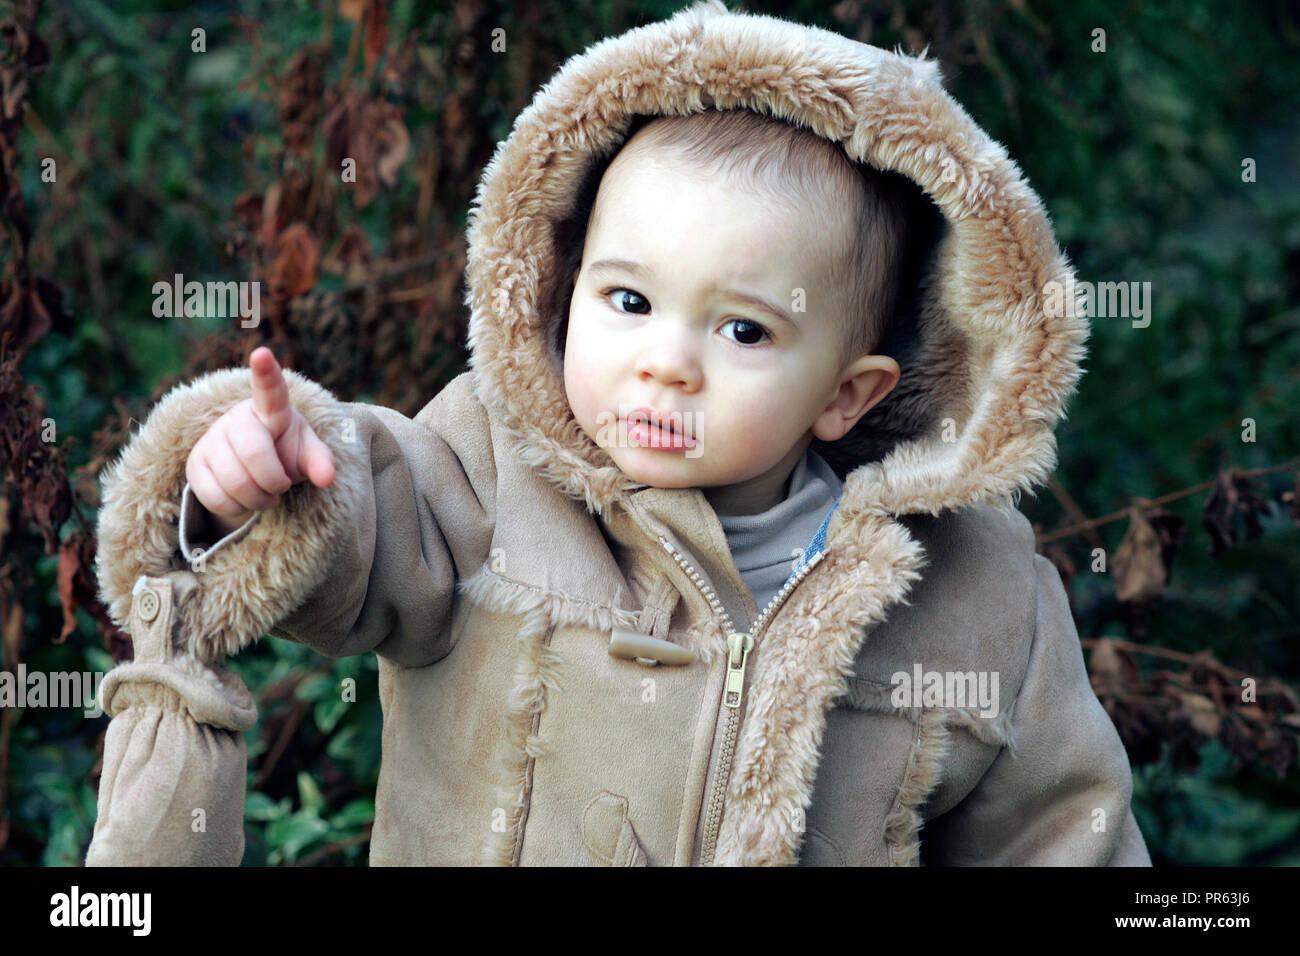 Männliche Kleinkind für kaltes Wetter gekleidet Stockbild